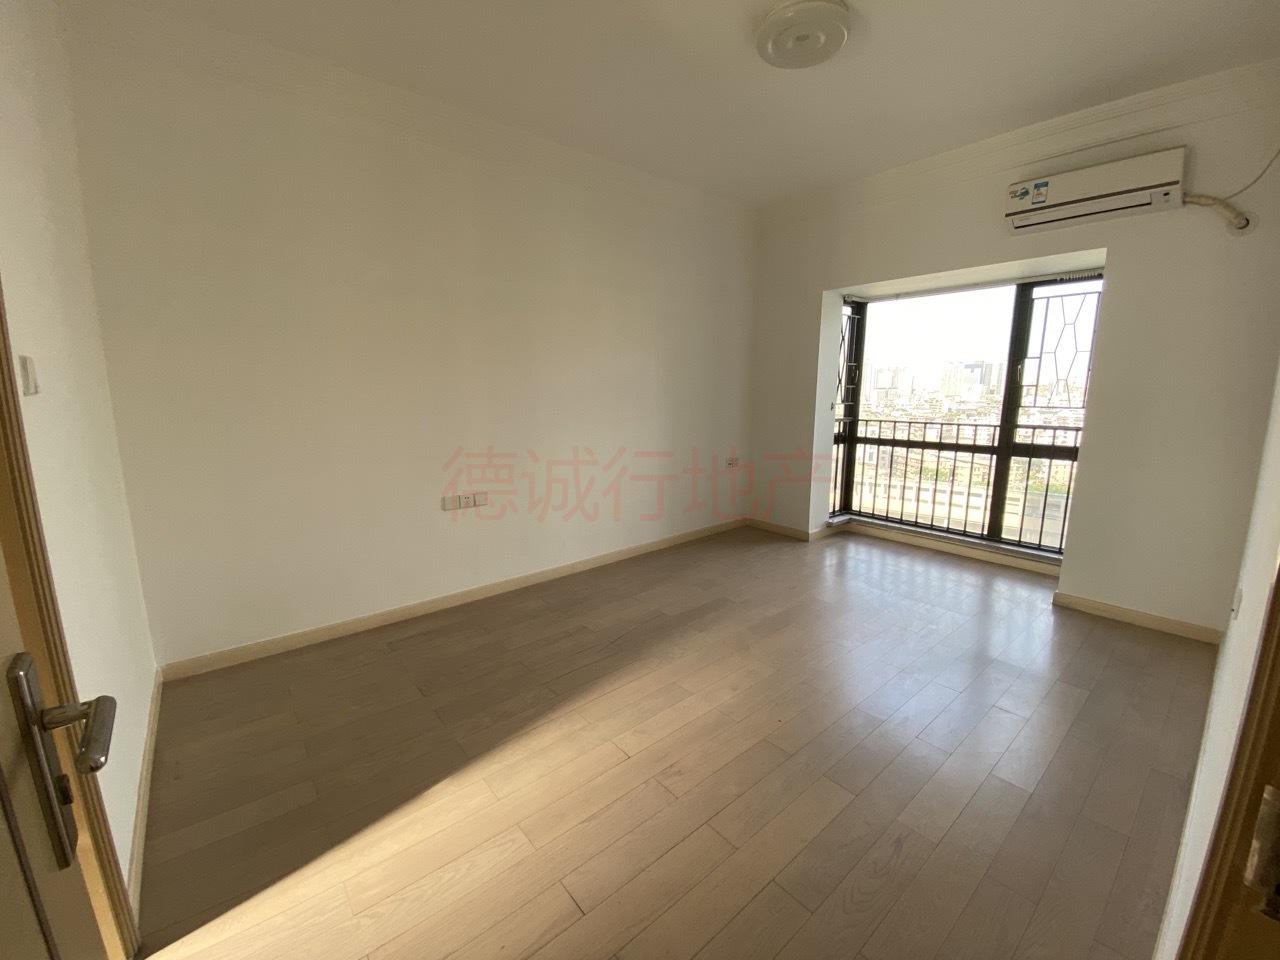 中海橡园国际3室2厅1卫东南朝向仅550万元,诚心放售